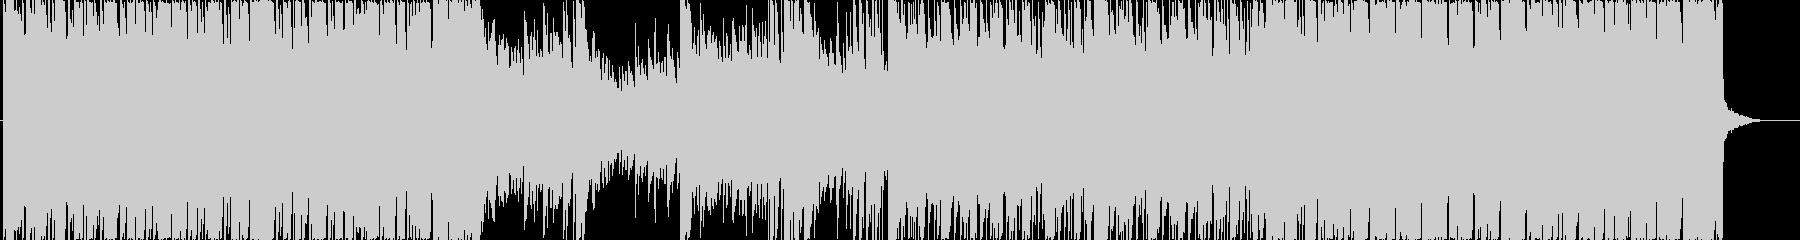 オリエンタルで神秘的なロックBGMの未再生の波形